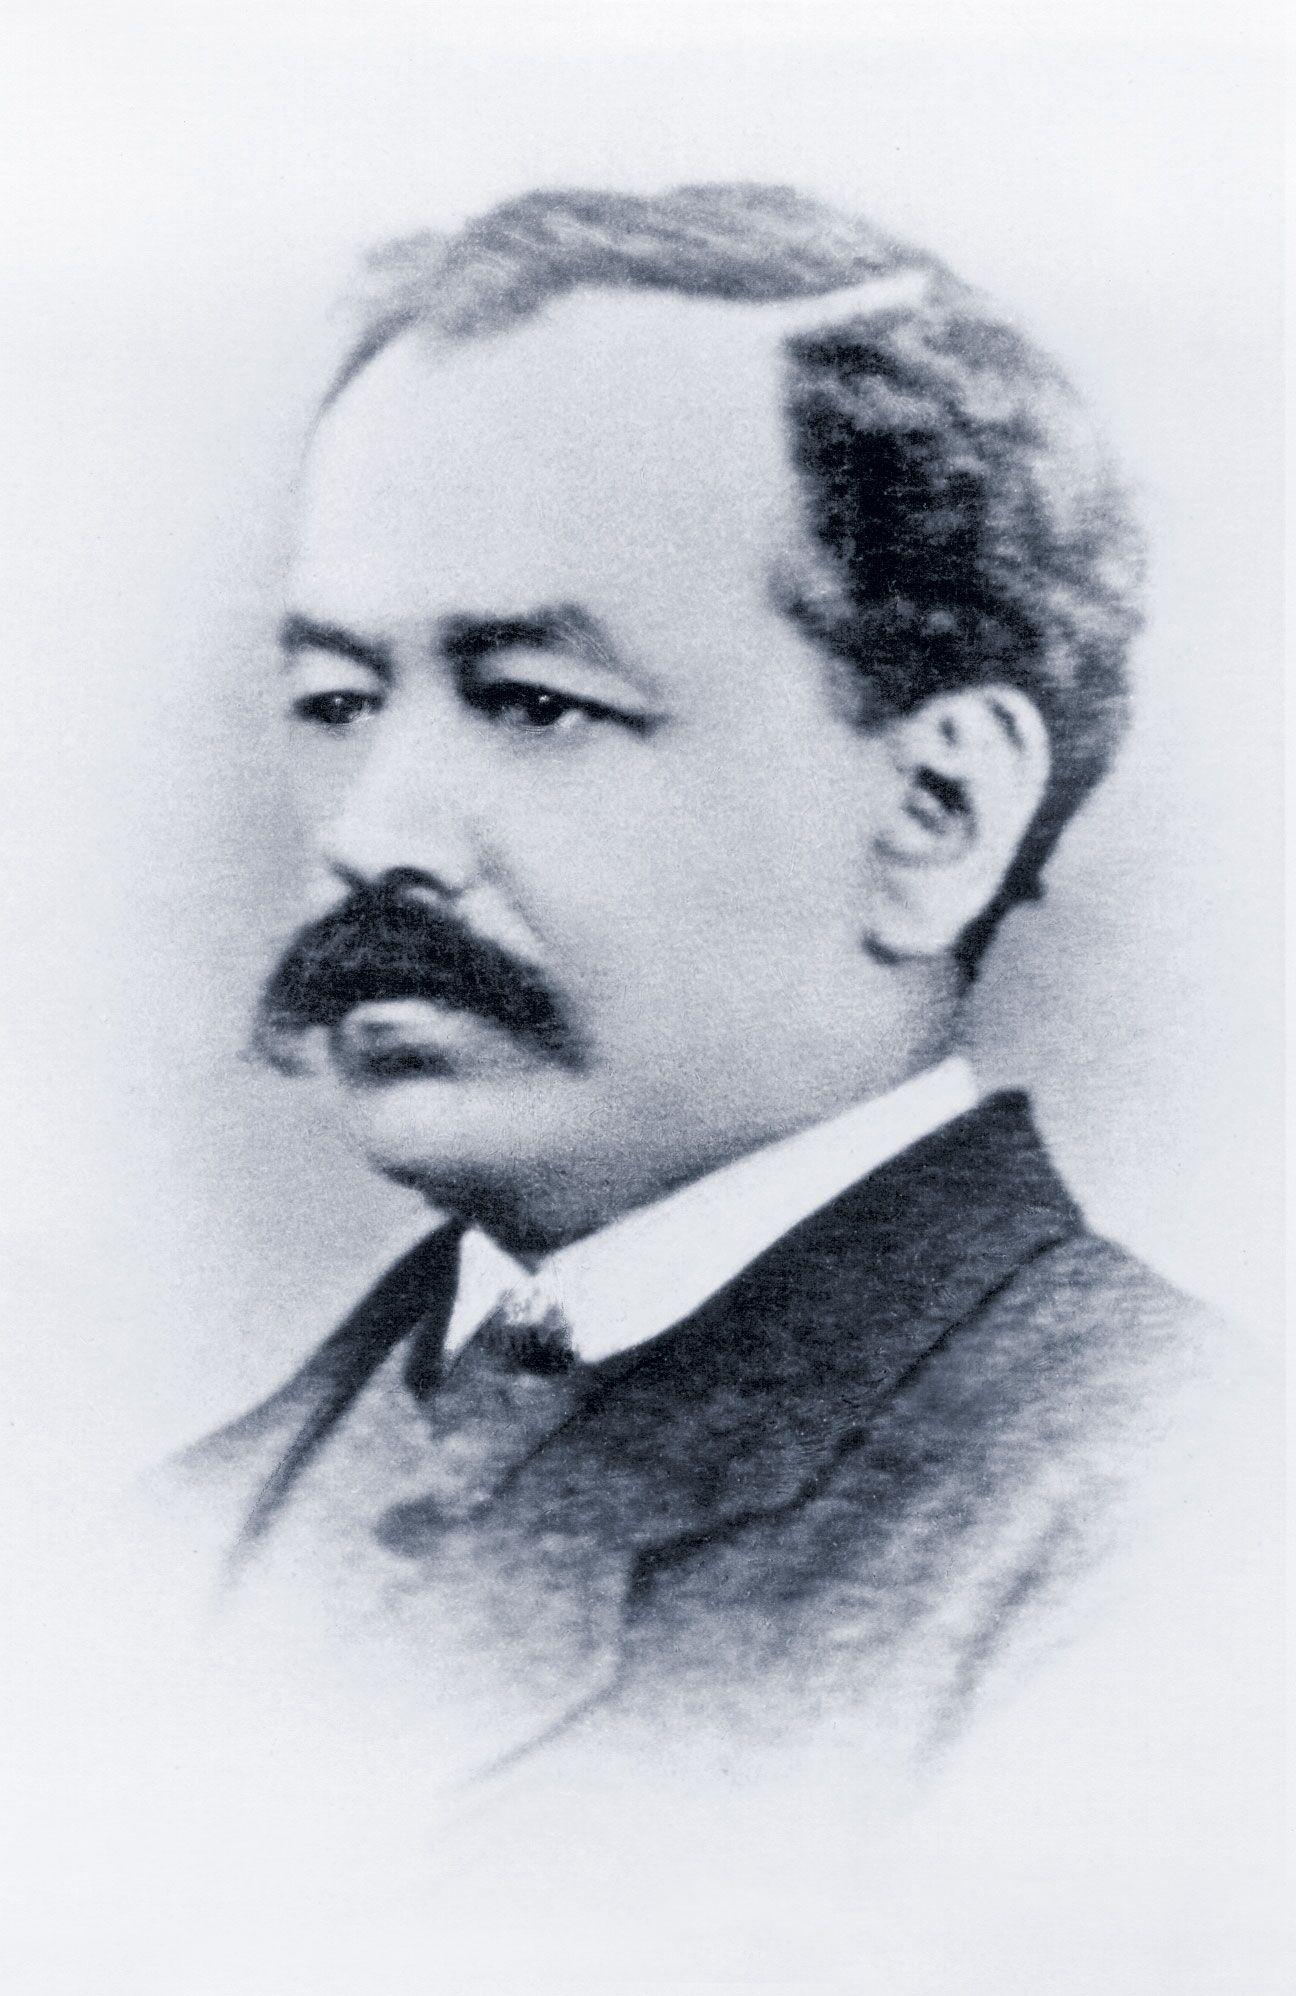 François Perregaux